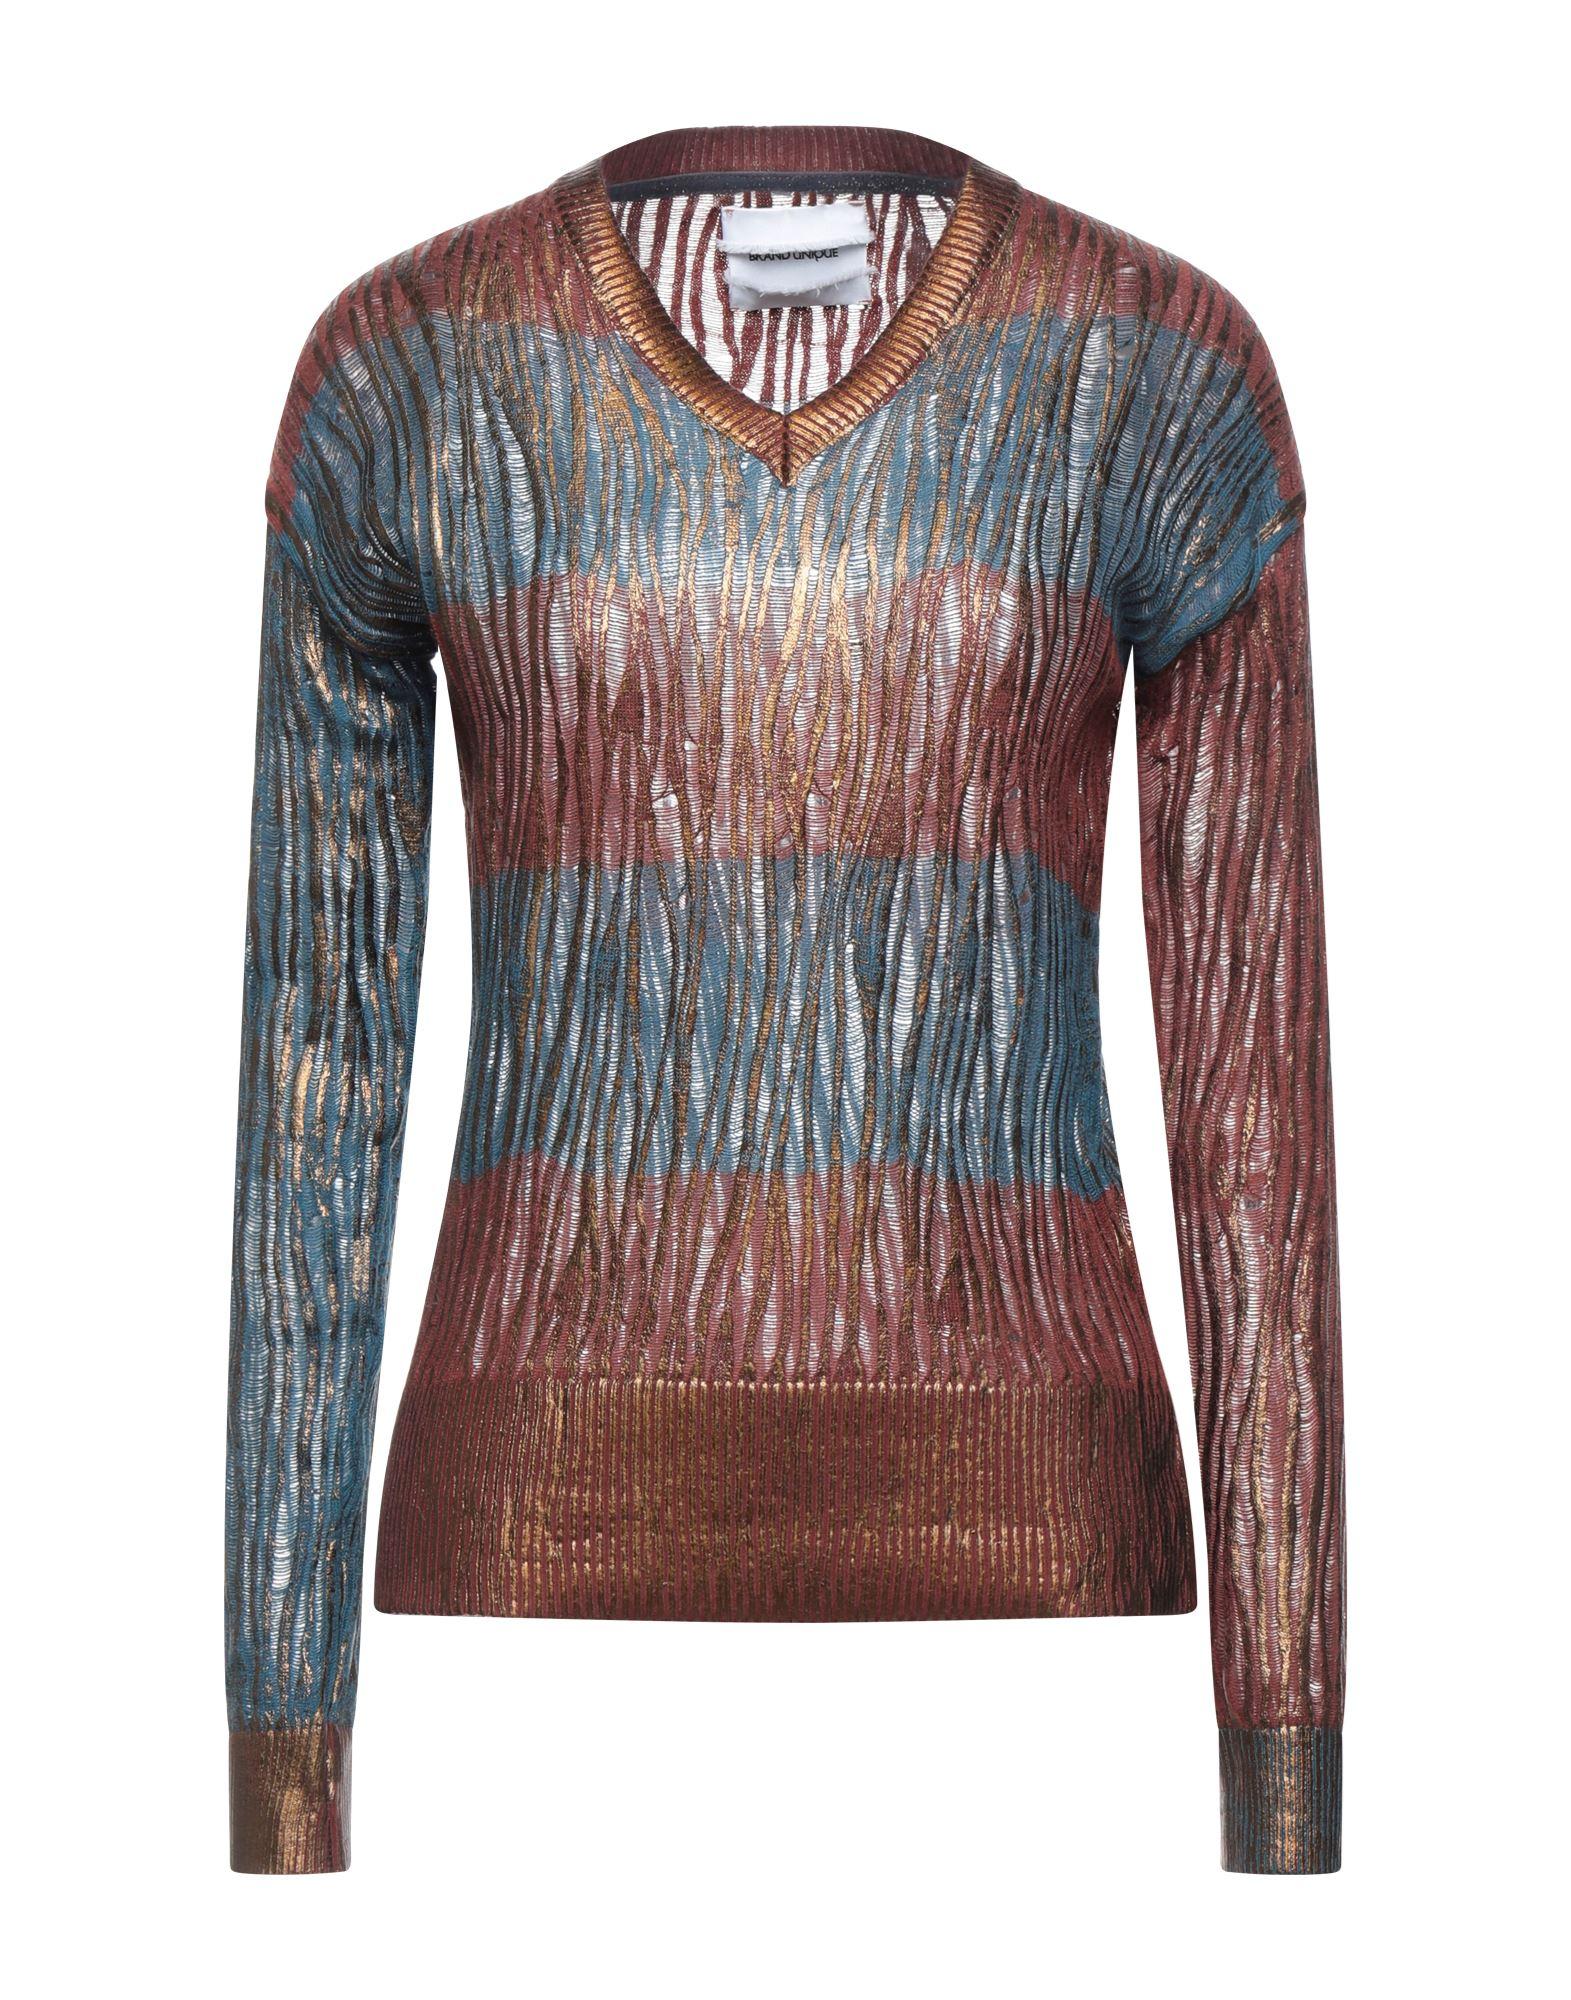 BRAND UNIQUE Sweaters - Item 14119117